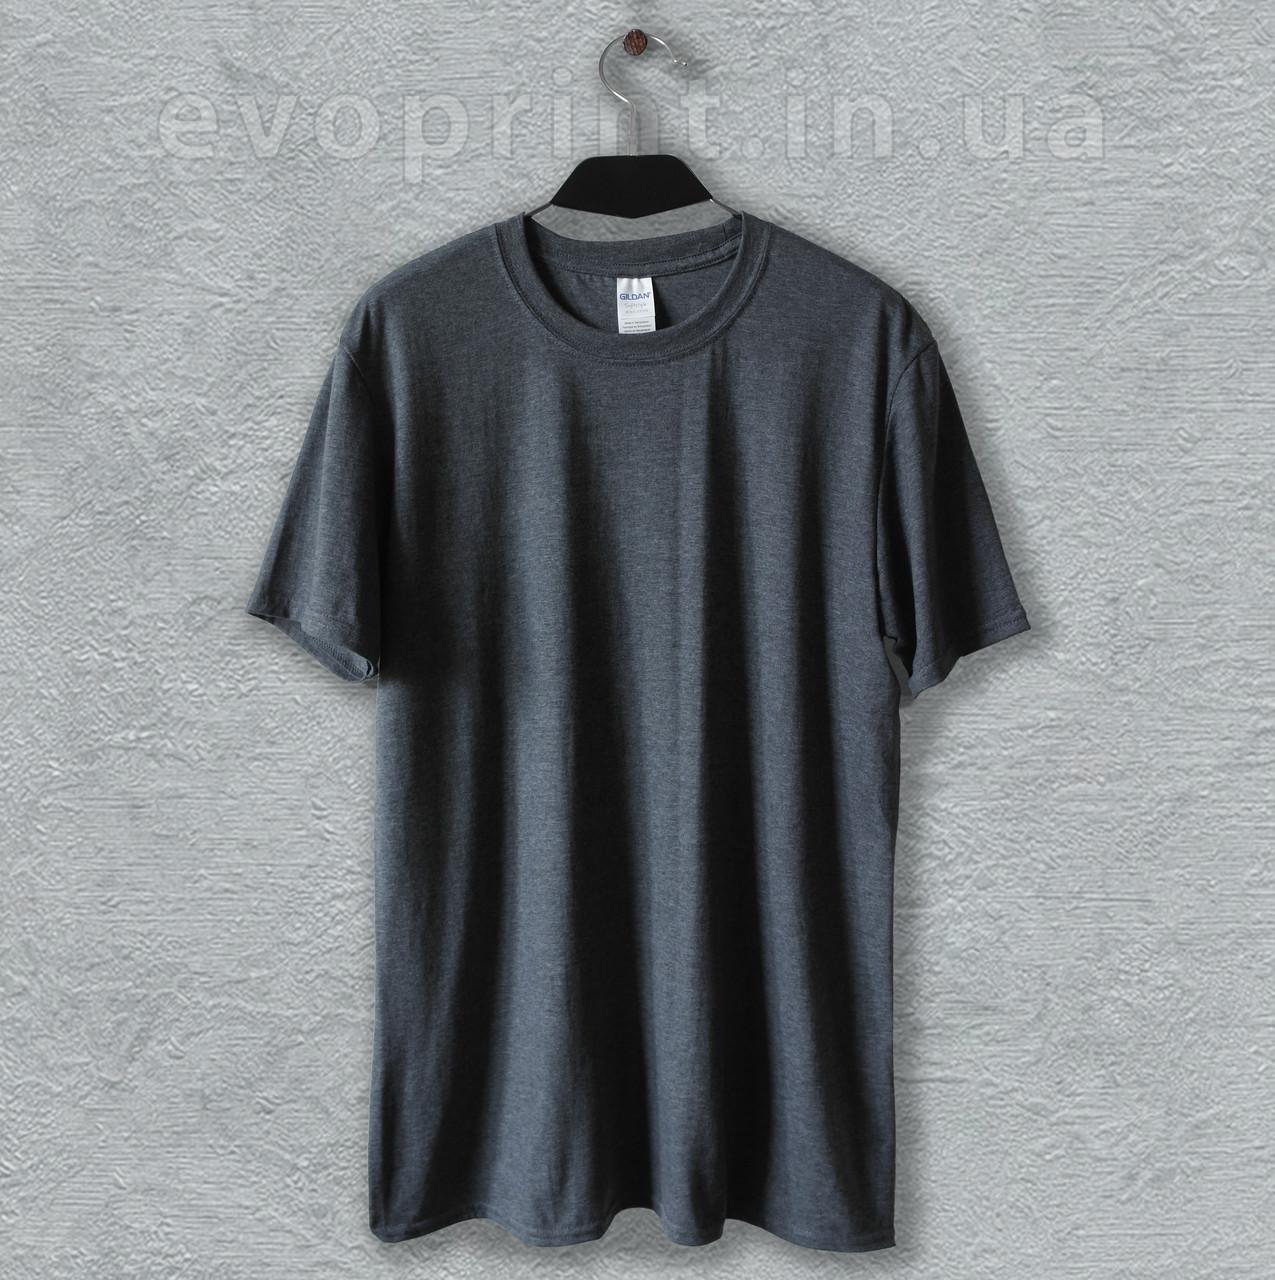 Футболка мужская однотонная темно-серый меланж